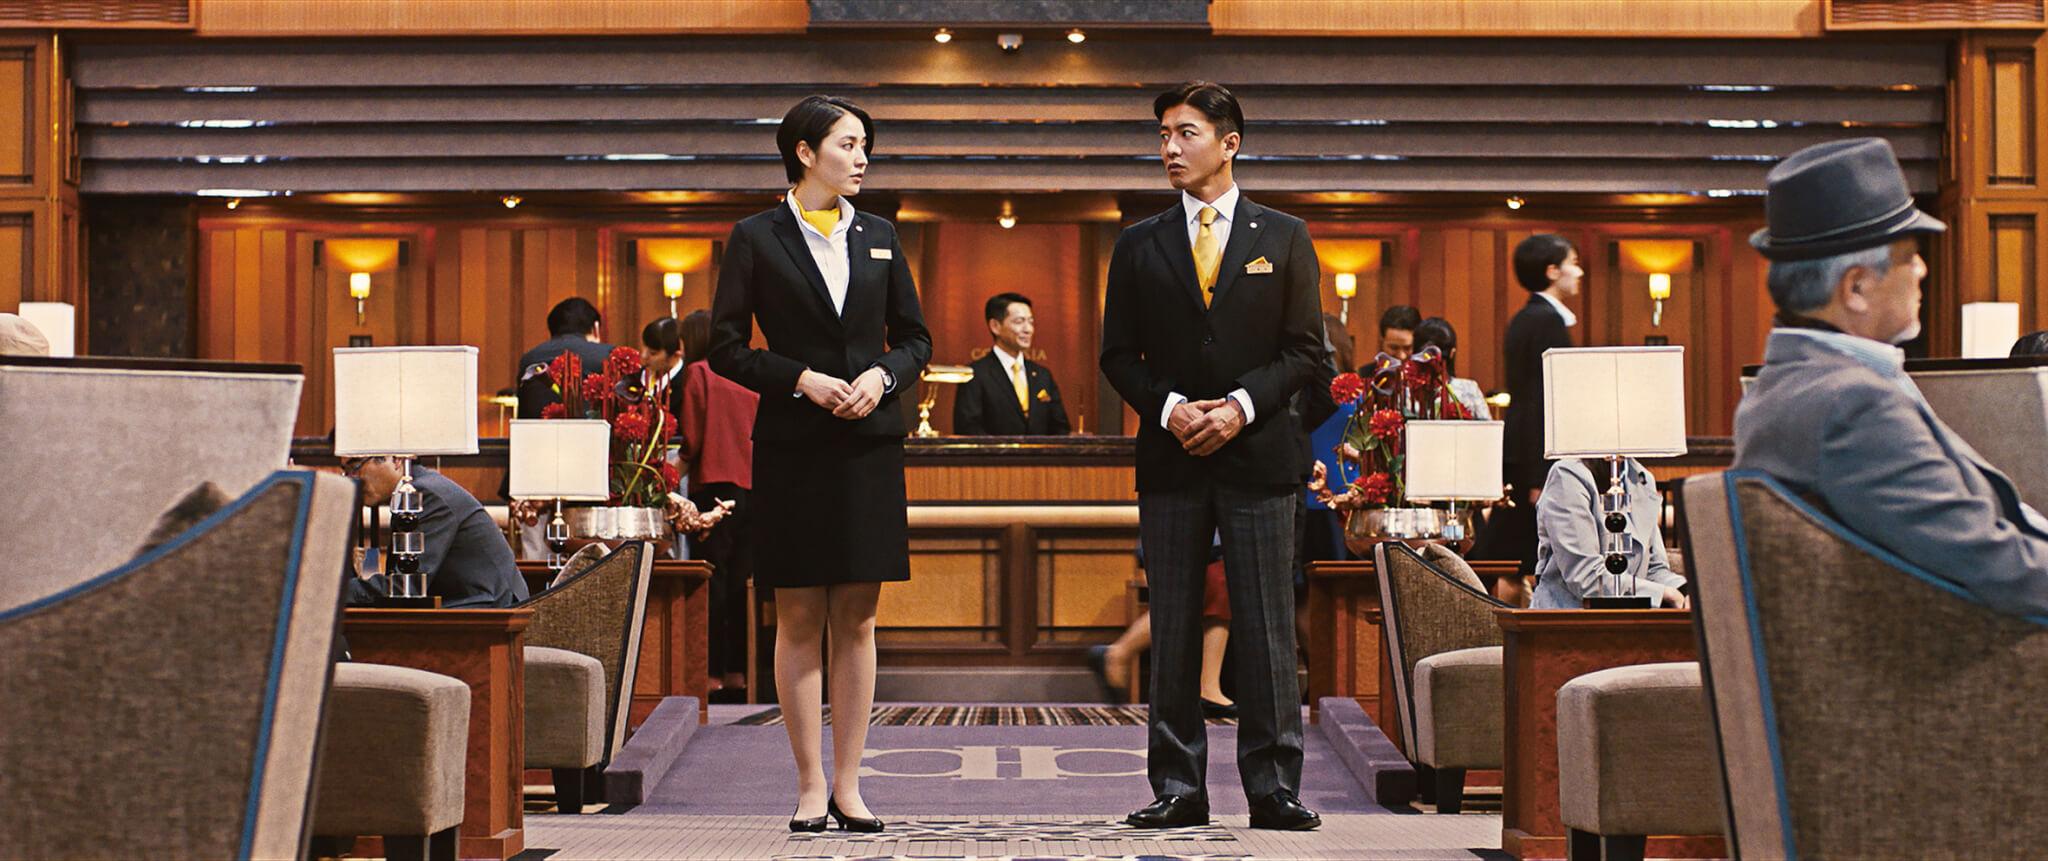 長澤正美(左)與木村拓哉(右)的角色是一男一女的探案組合,這設定在東野圭吾的作品中不時出現。